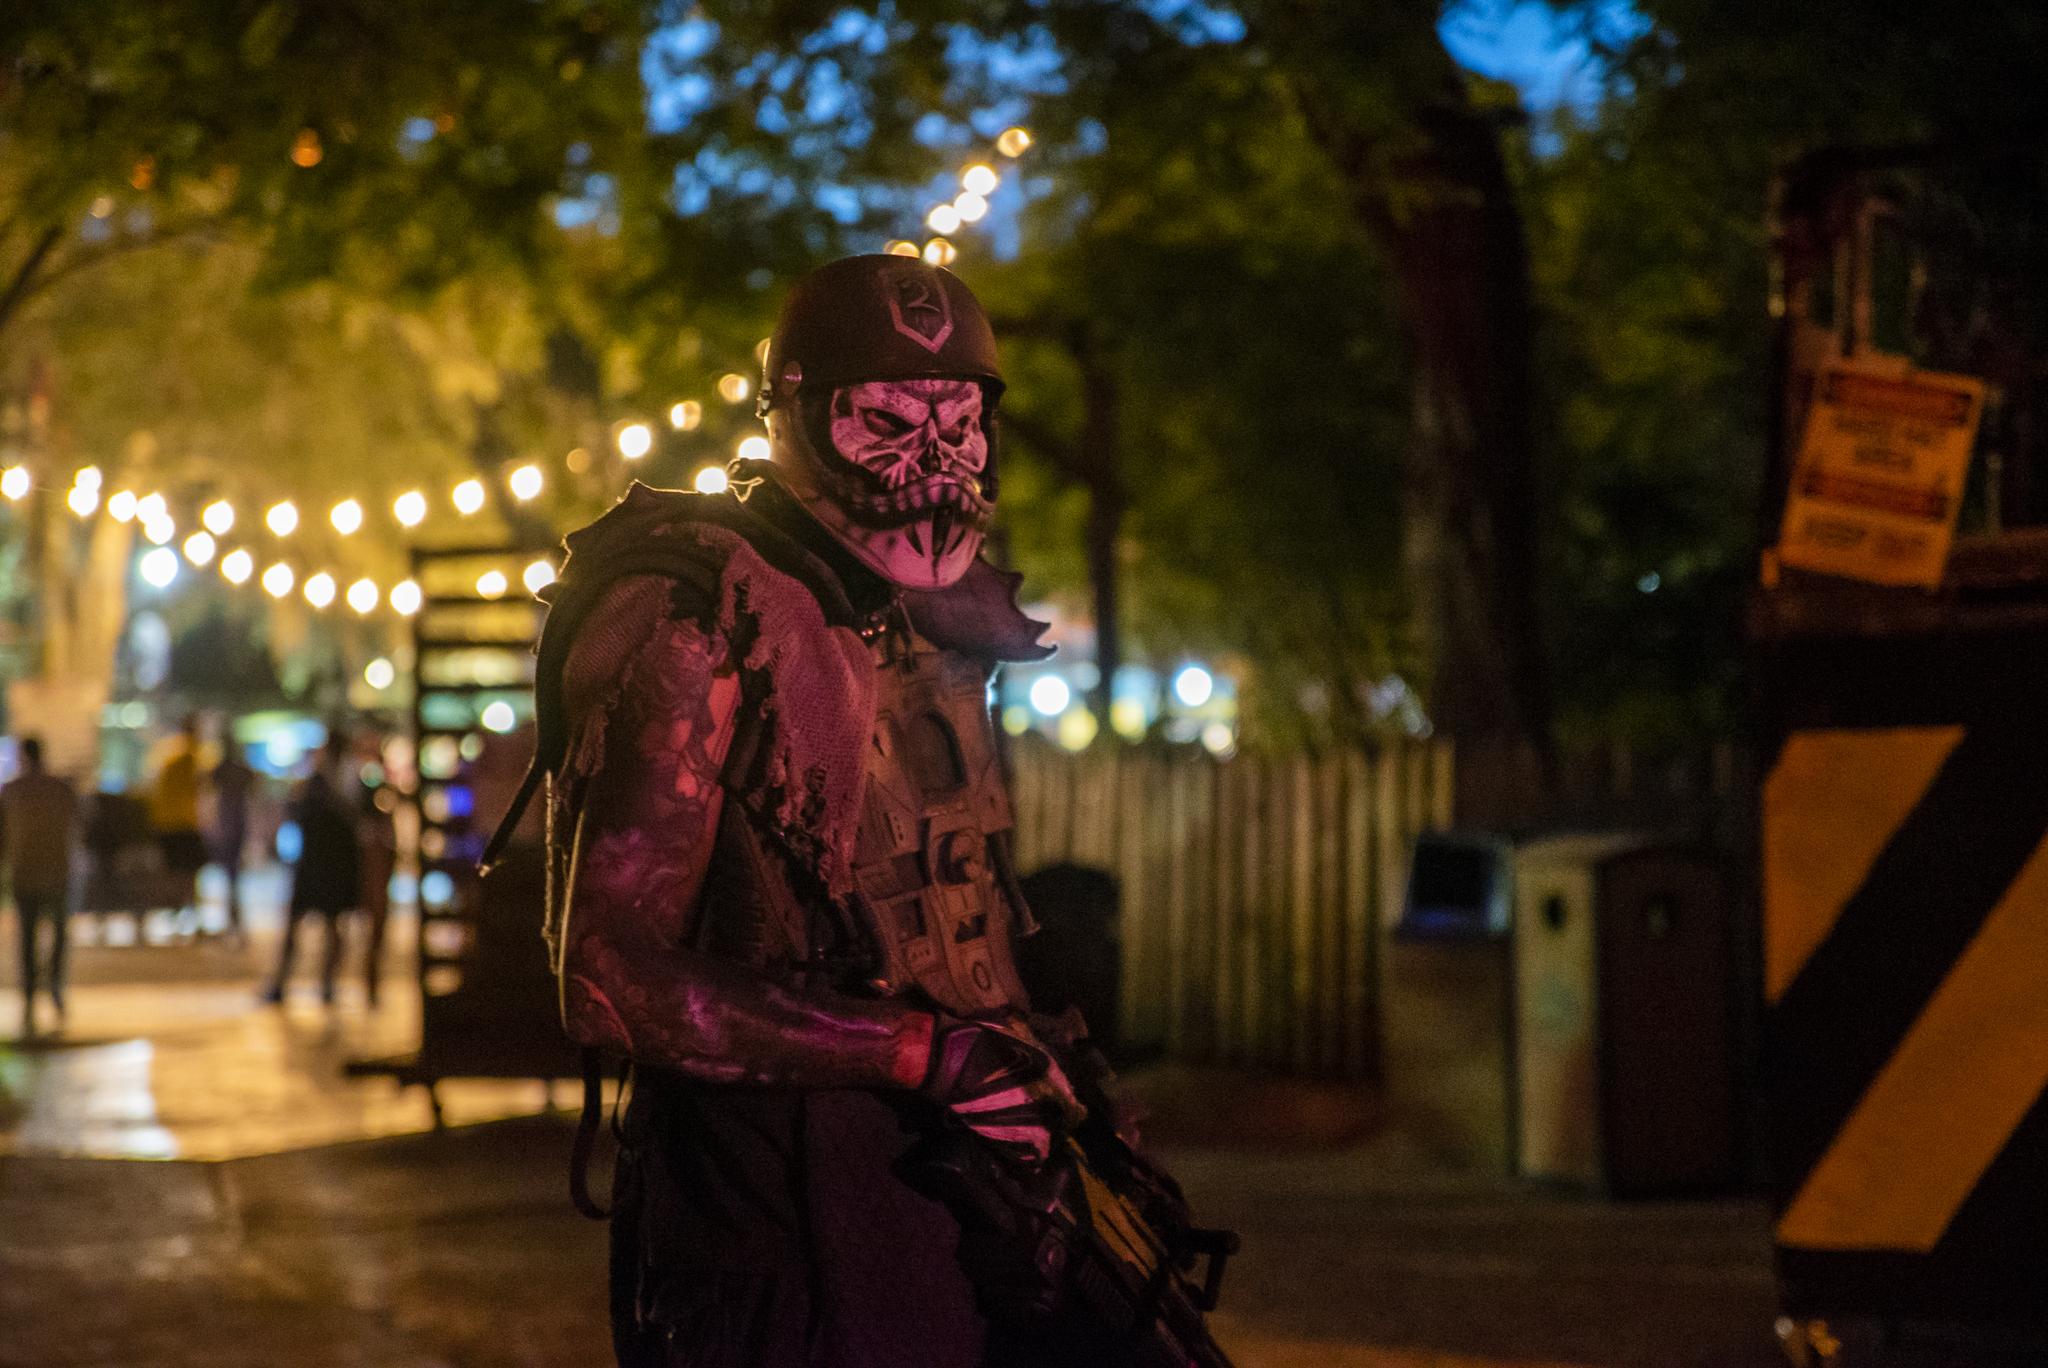 Bush Garden Halloween 2020 Busch Gardens will produce socially distant Howl O Scream